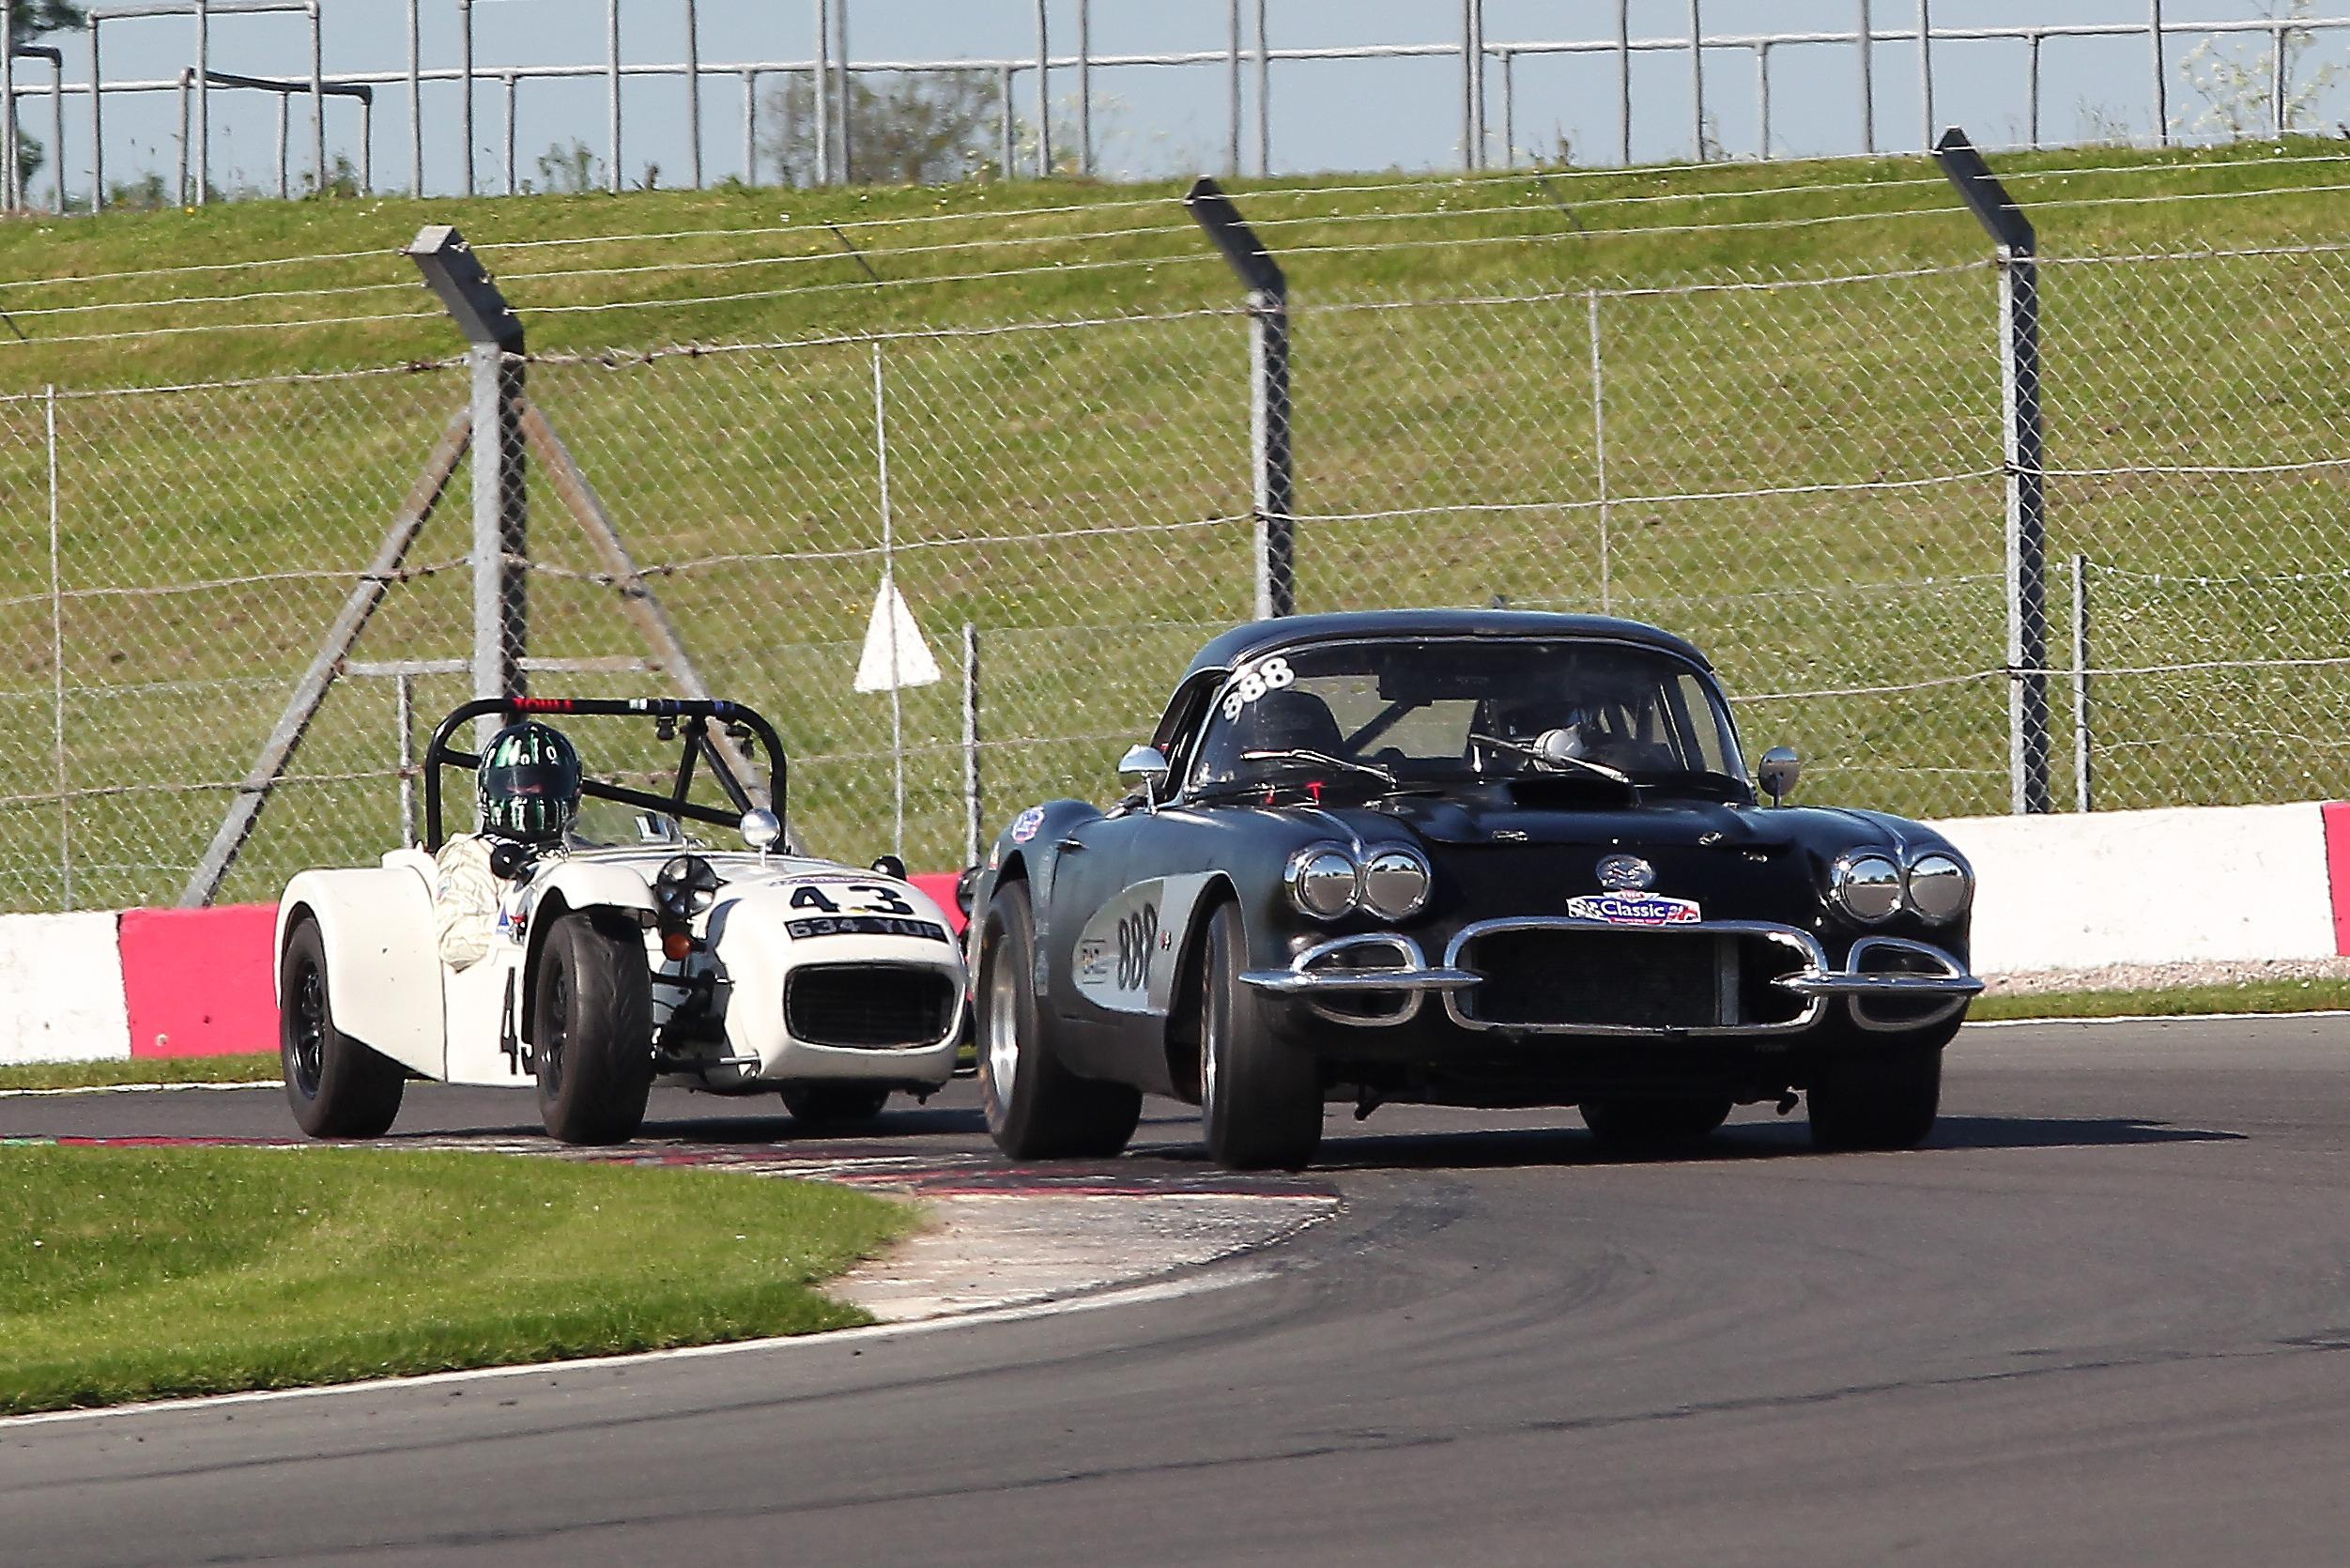 Simeon Chodosh (Chevrolet Corvette) and Steve Hodges (Lotus 7), Donington Park CSCC 2021